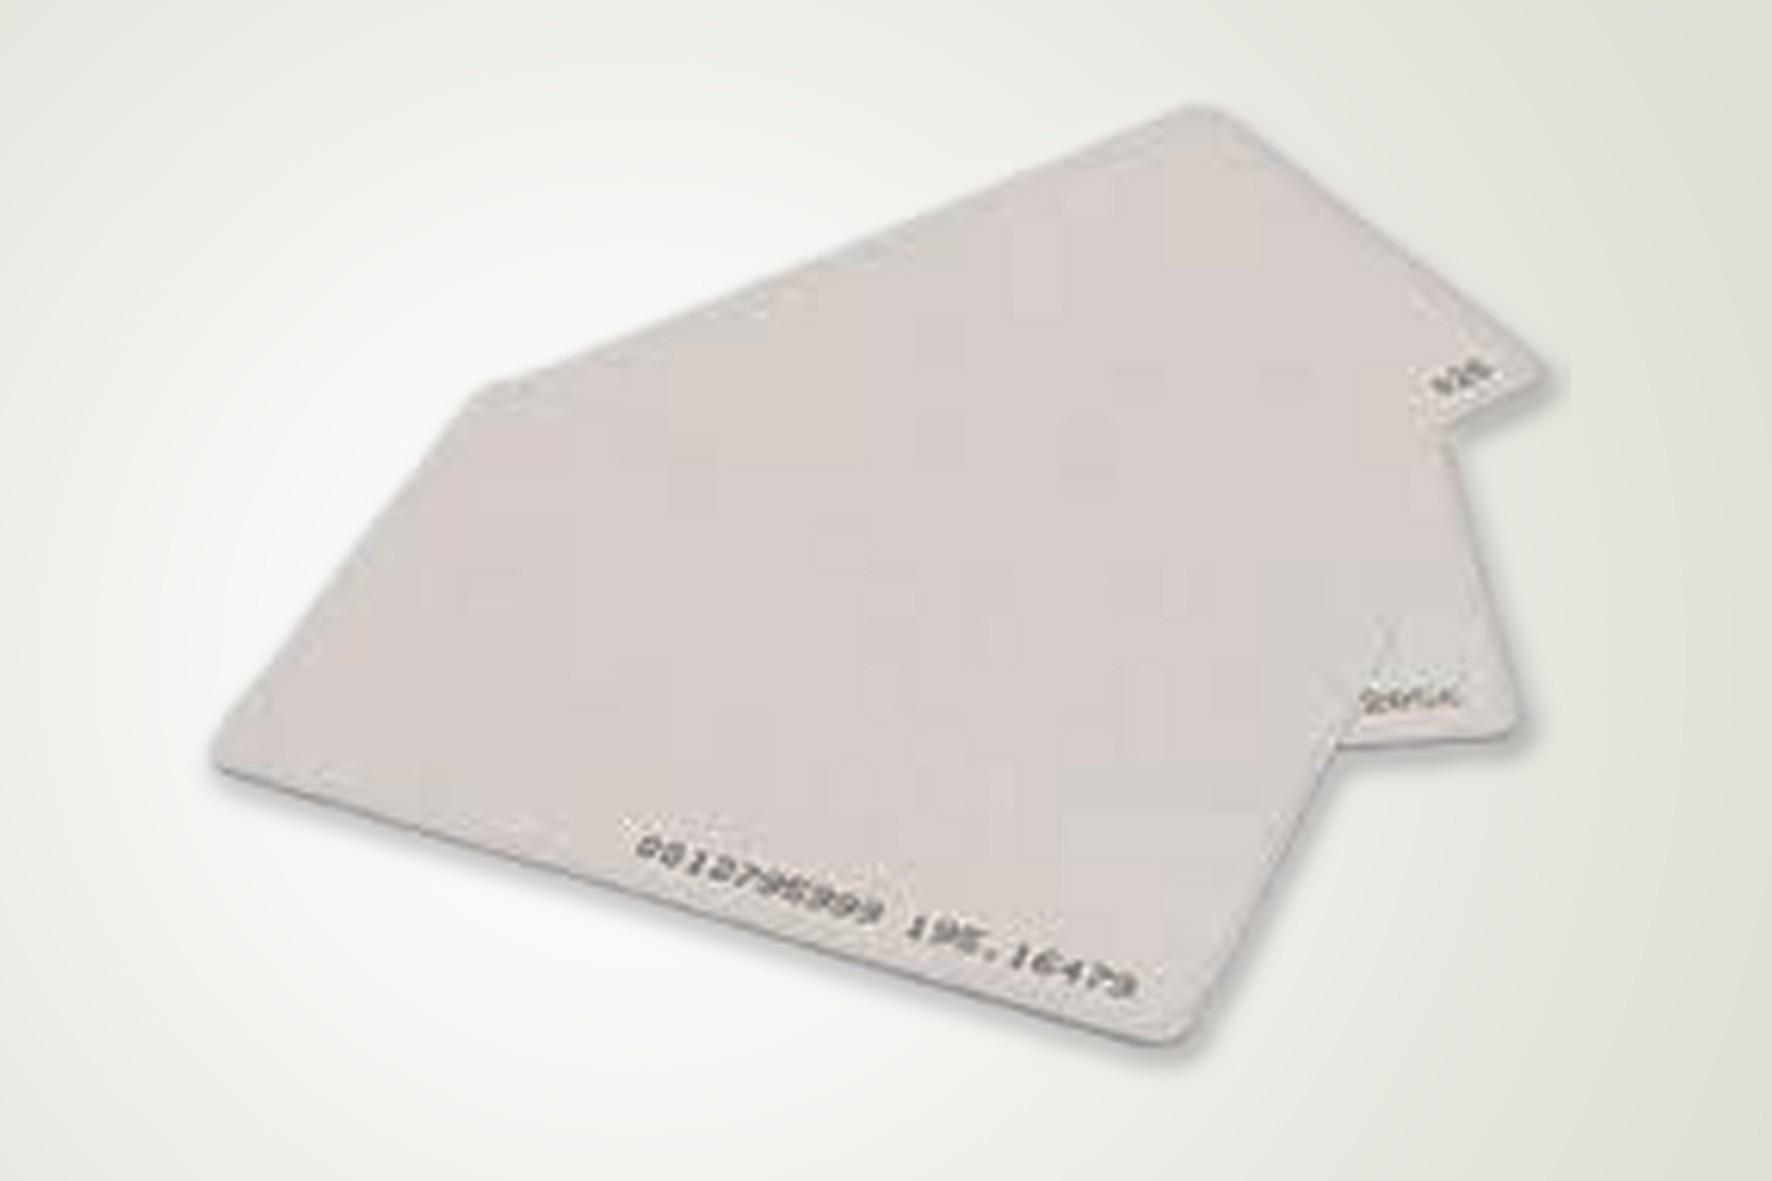 Cartões com Chip de Proximidade no Sítio dos Vianas - Marcador de Página